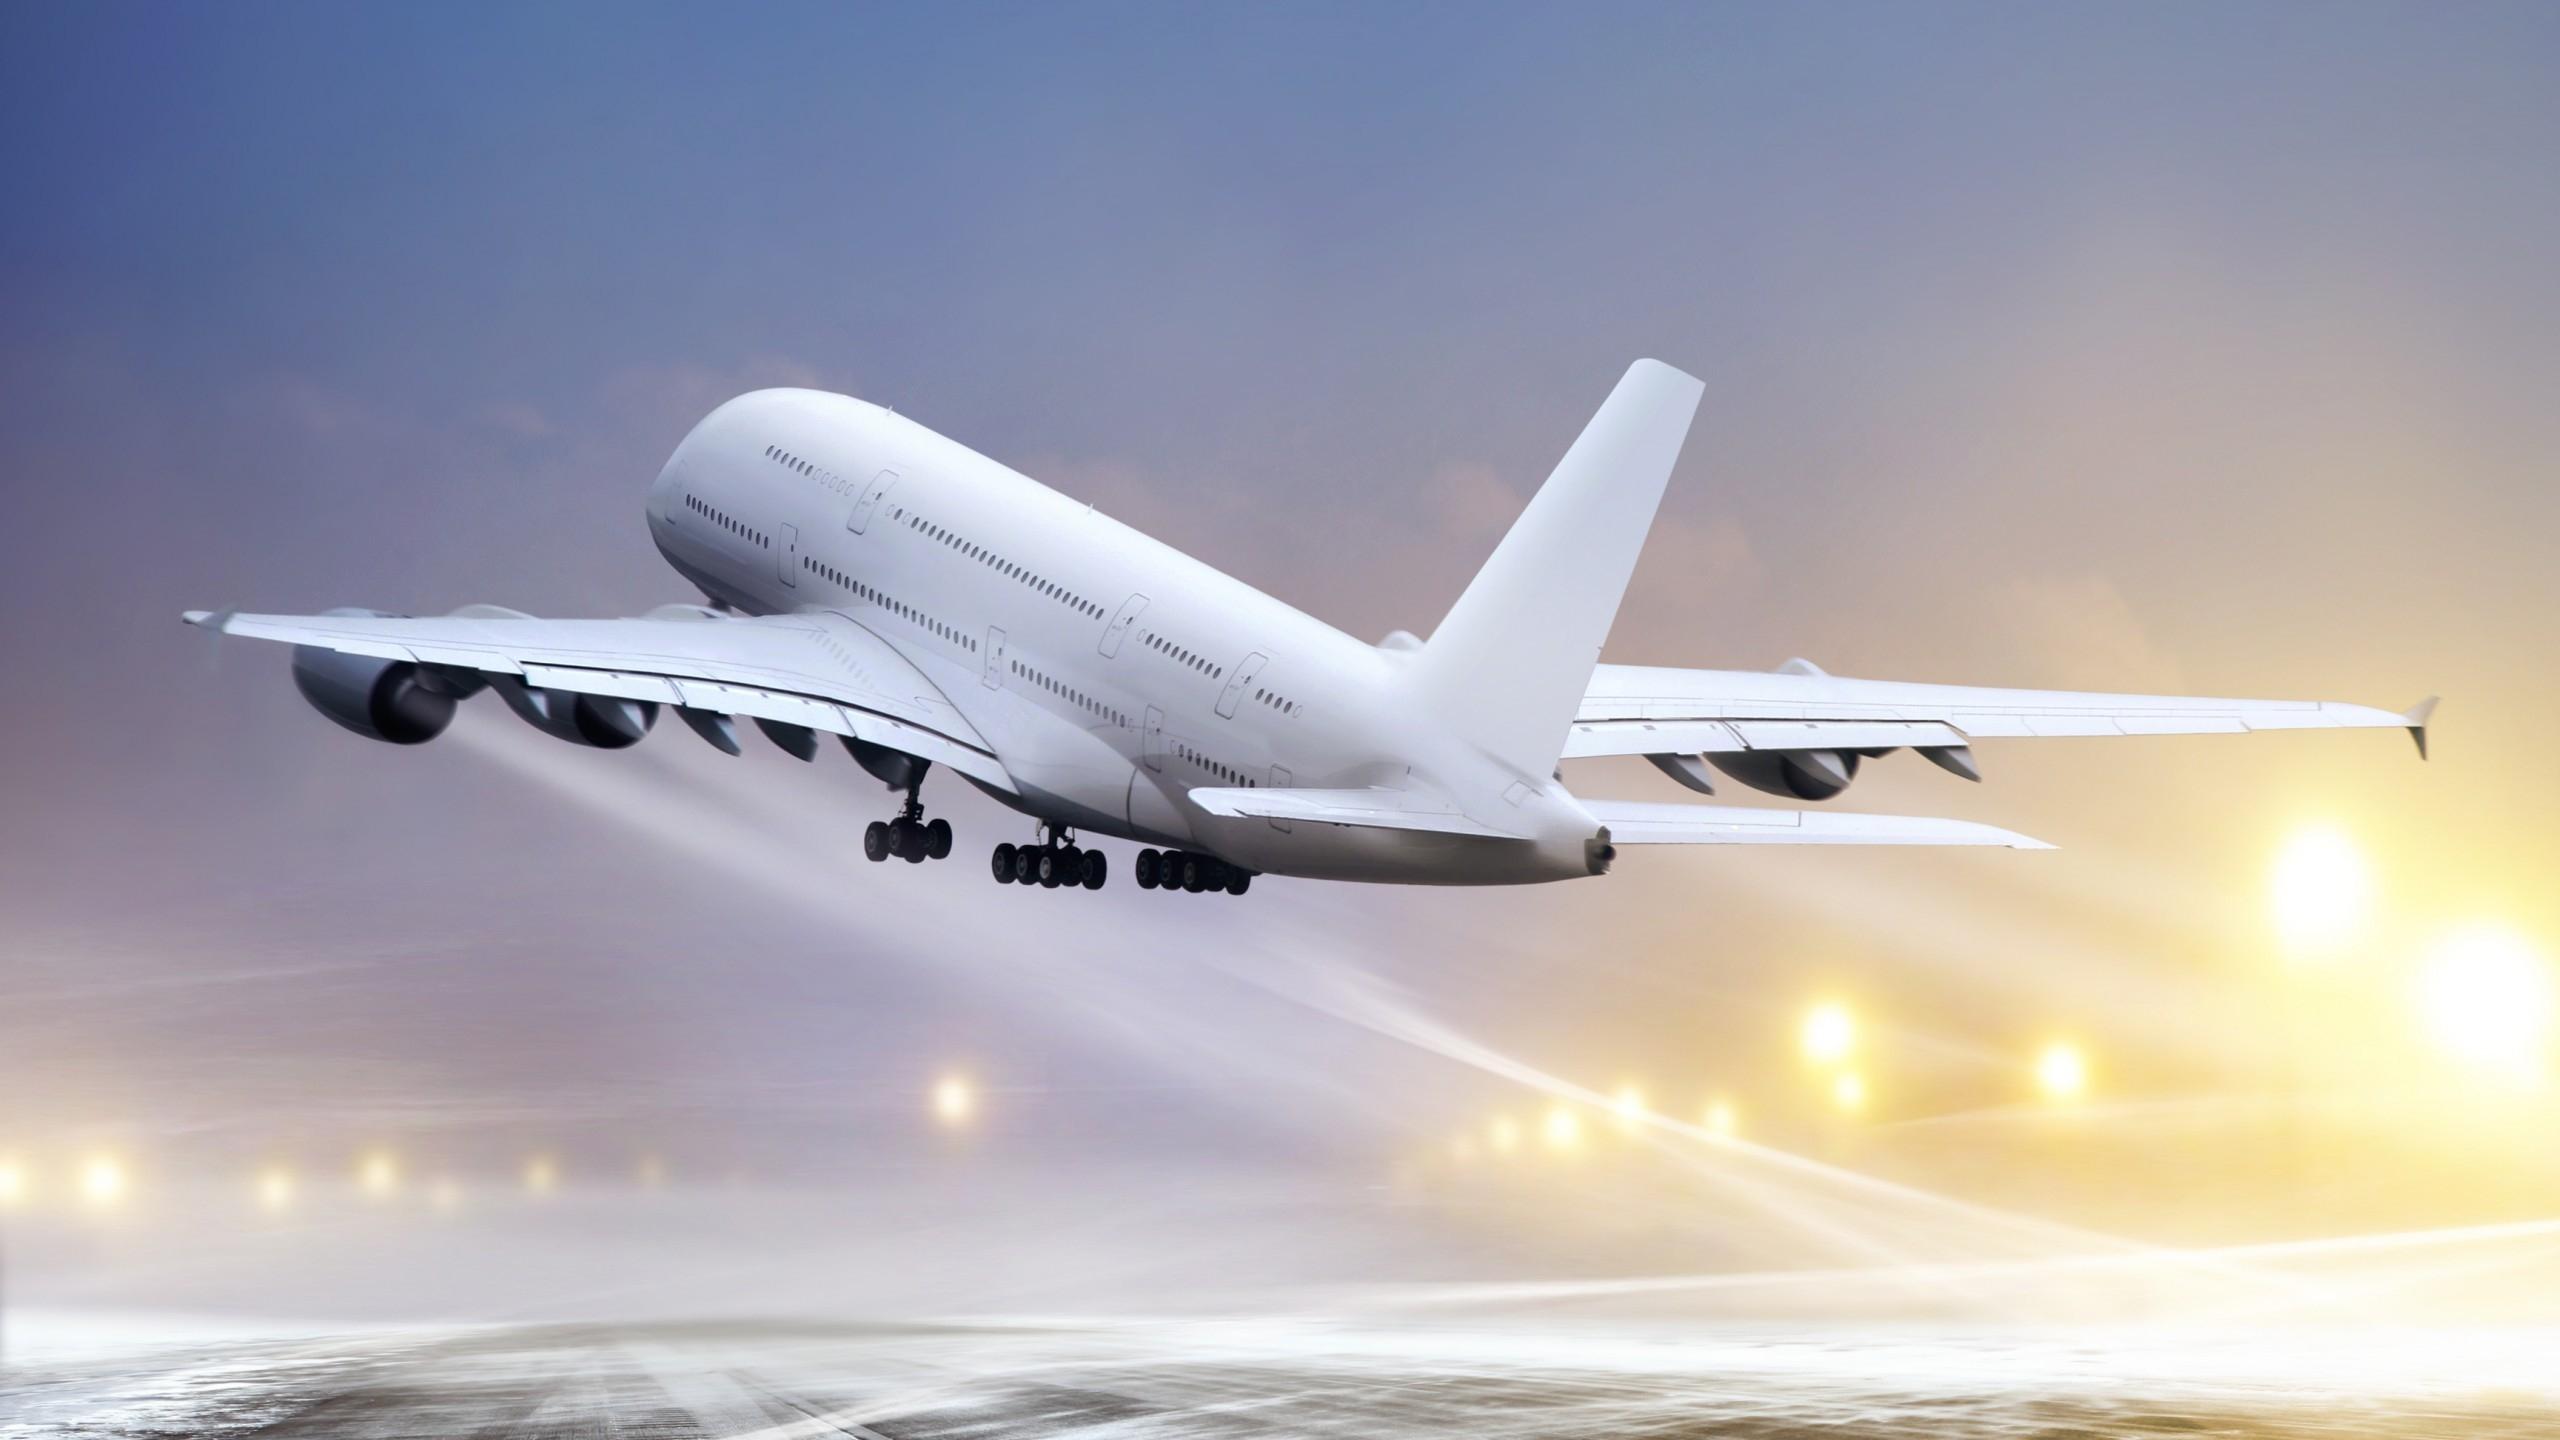 طلب ۱۲۰۰ میلیارد تومانی از شرکتهای هواپیمایی